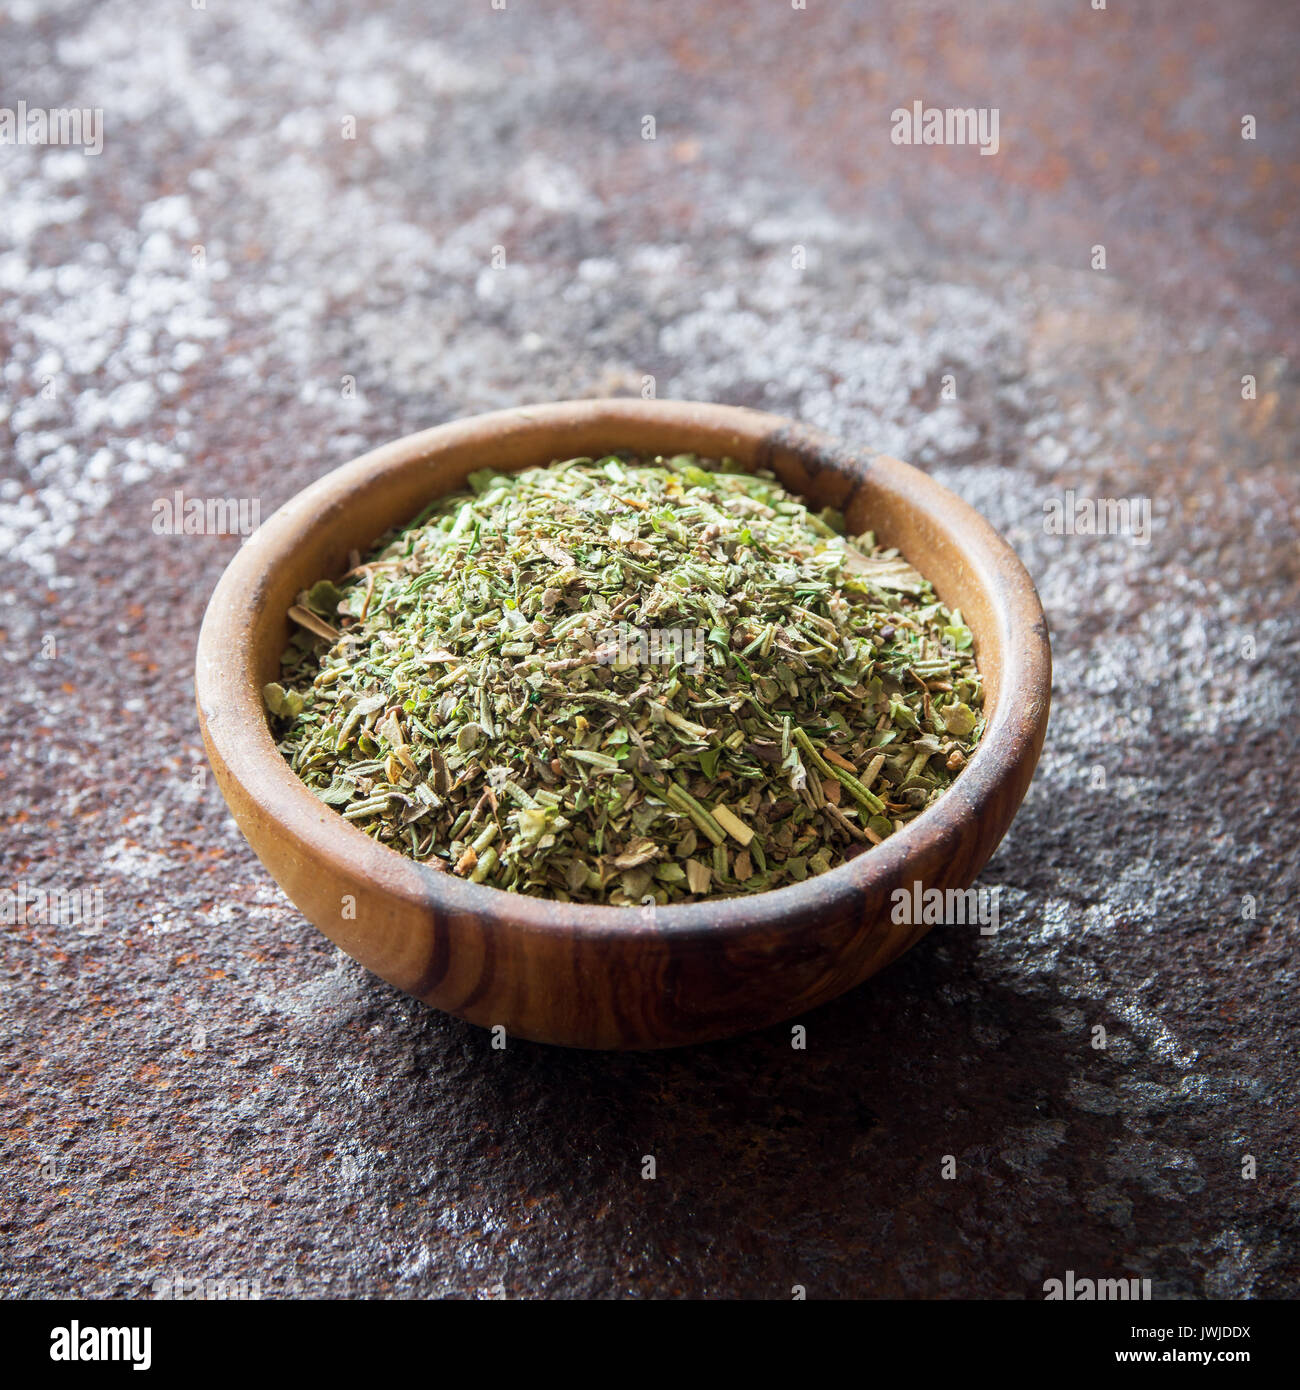 Mezcla de hierbas italianas Seasoning sobre fondo de metal rústico, copie el espacio. Hierbas secas condimento, ingrediente saludable para cocinar. Imagen De Stock